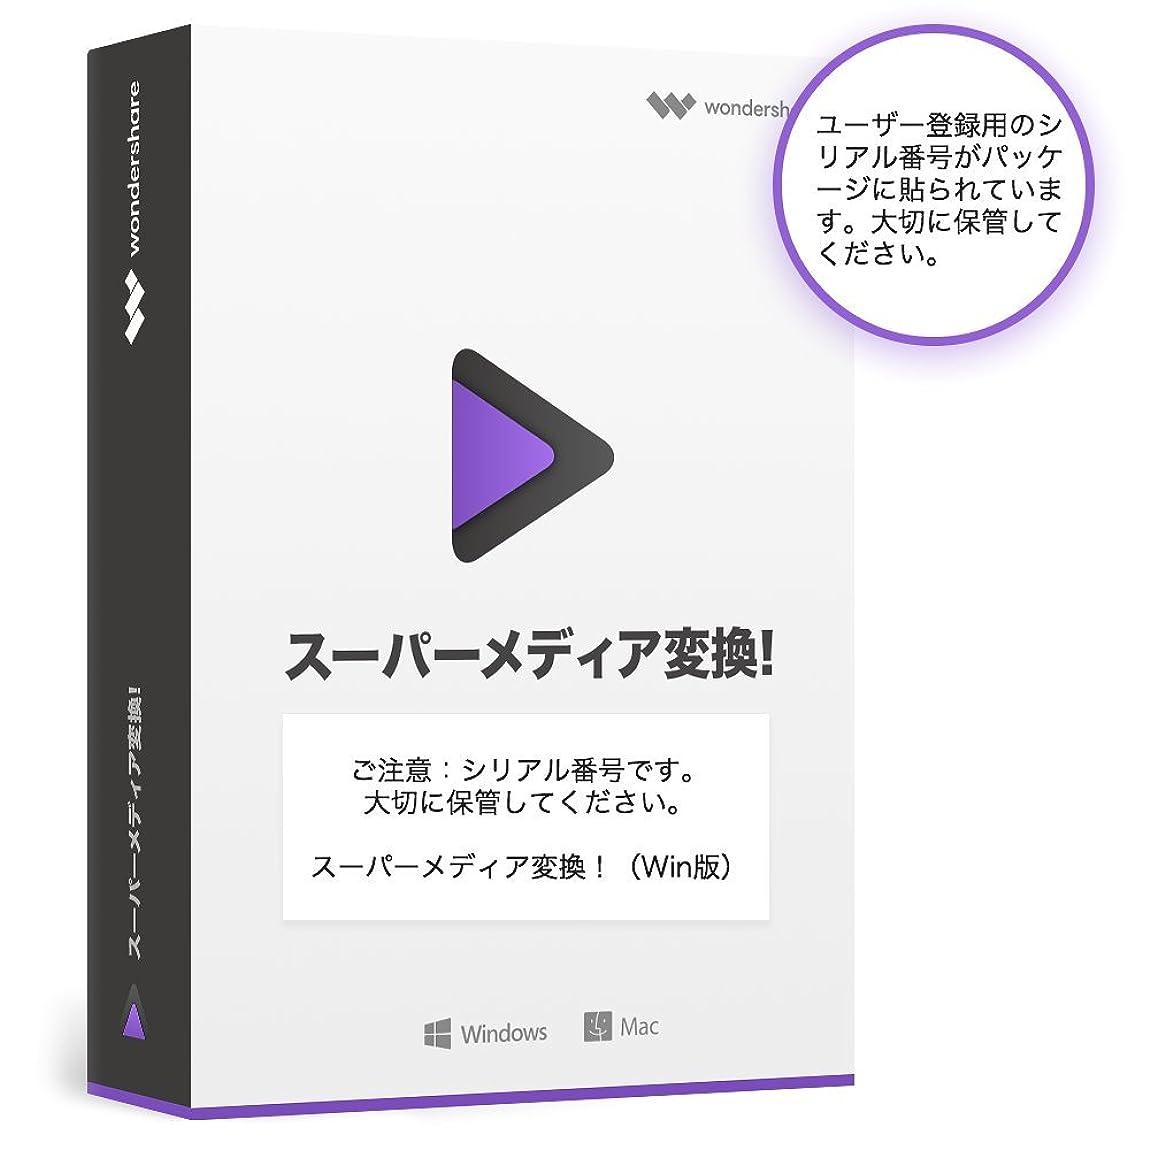 せせらぎ入力壁Wondershare スーパーメディア変換!(Win版)多種形式の動画や音楽を高速?高品質で簡単変換!DVD作成 永久ライセンス |ワンダーシェアー